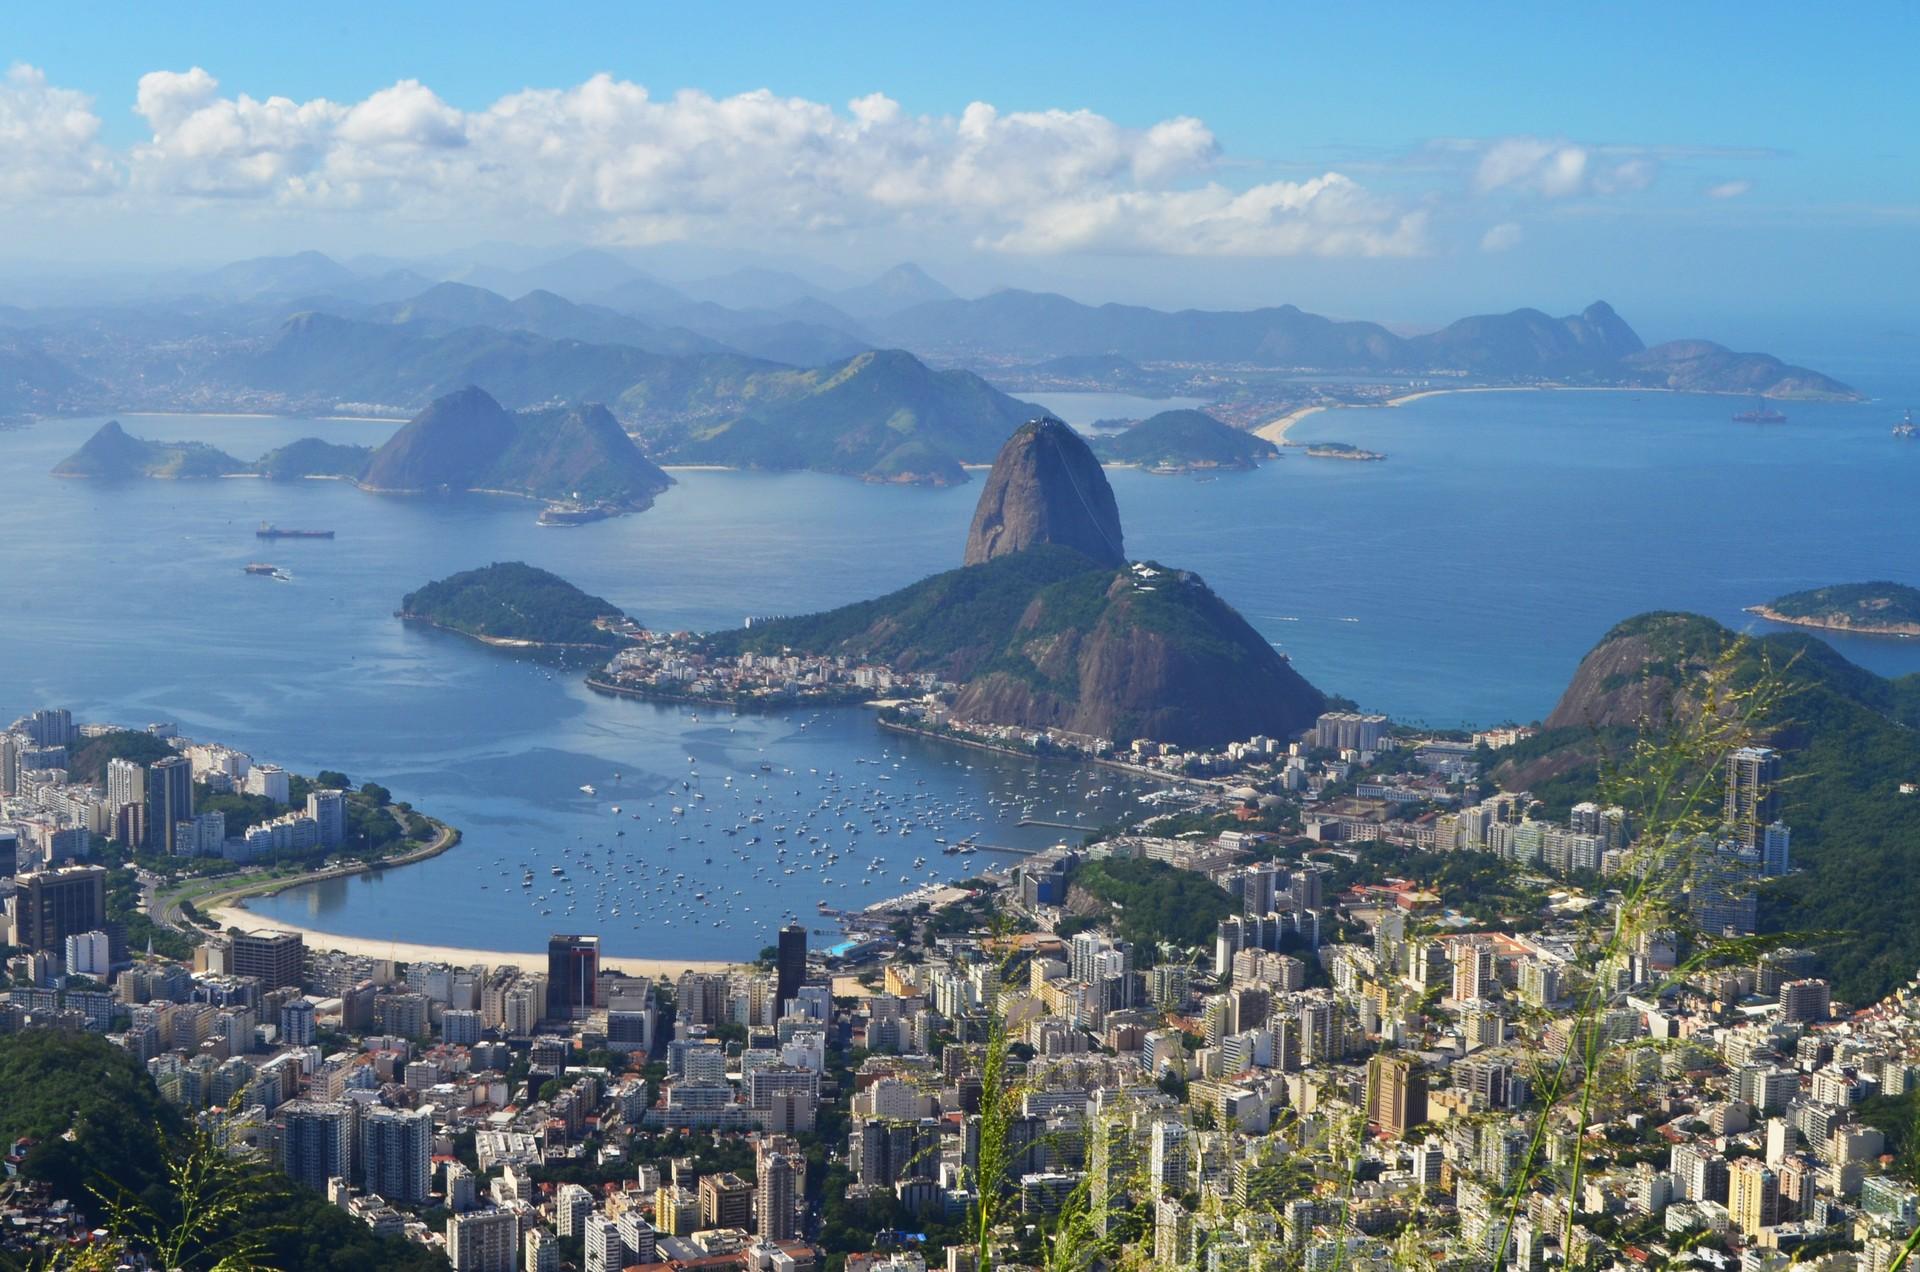 View of Rio de Janeiro from Corcovado